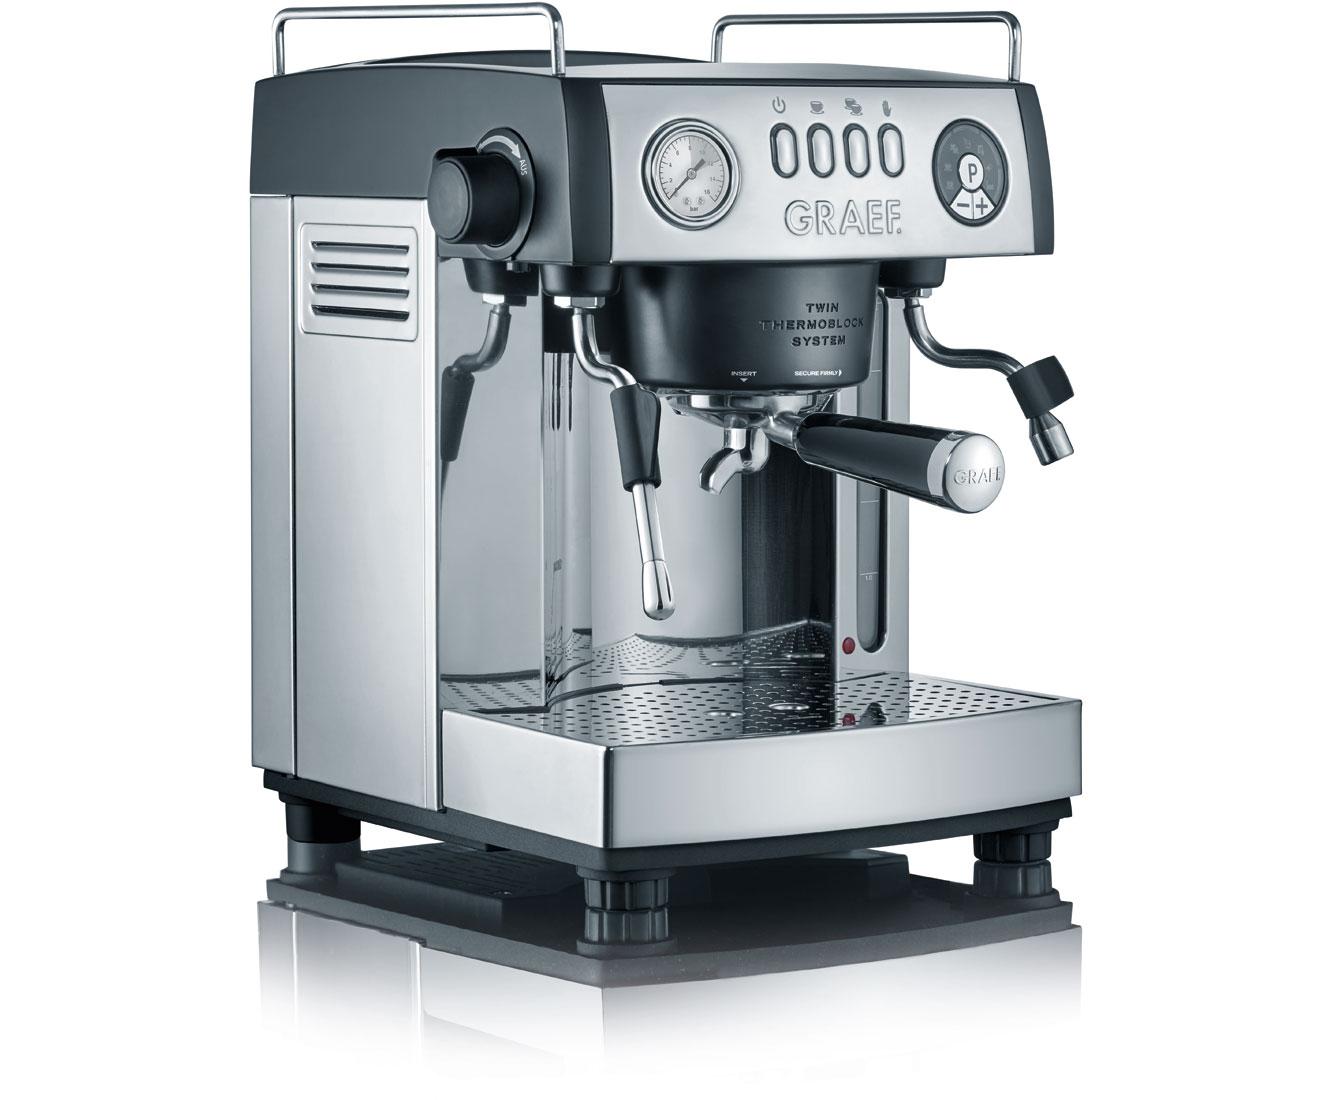 Graef ES902EU Kaffeemaschinen - Edelstahl / Schwarz | Küche und Esszimmer > Kaffee und Tee > Kaffeemaschinen | Schwarz | Edelstahl | Graef